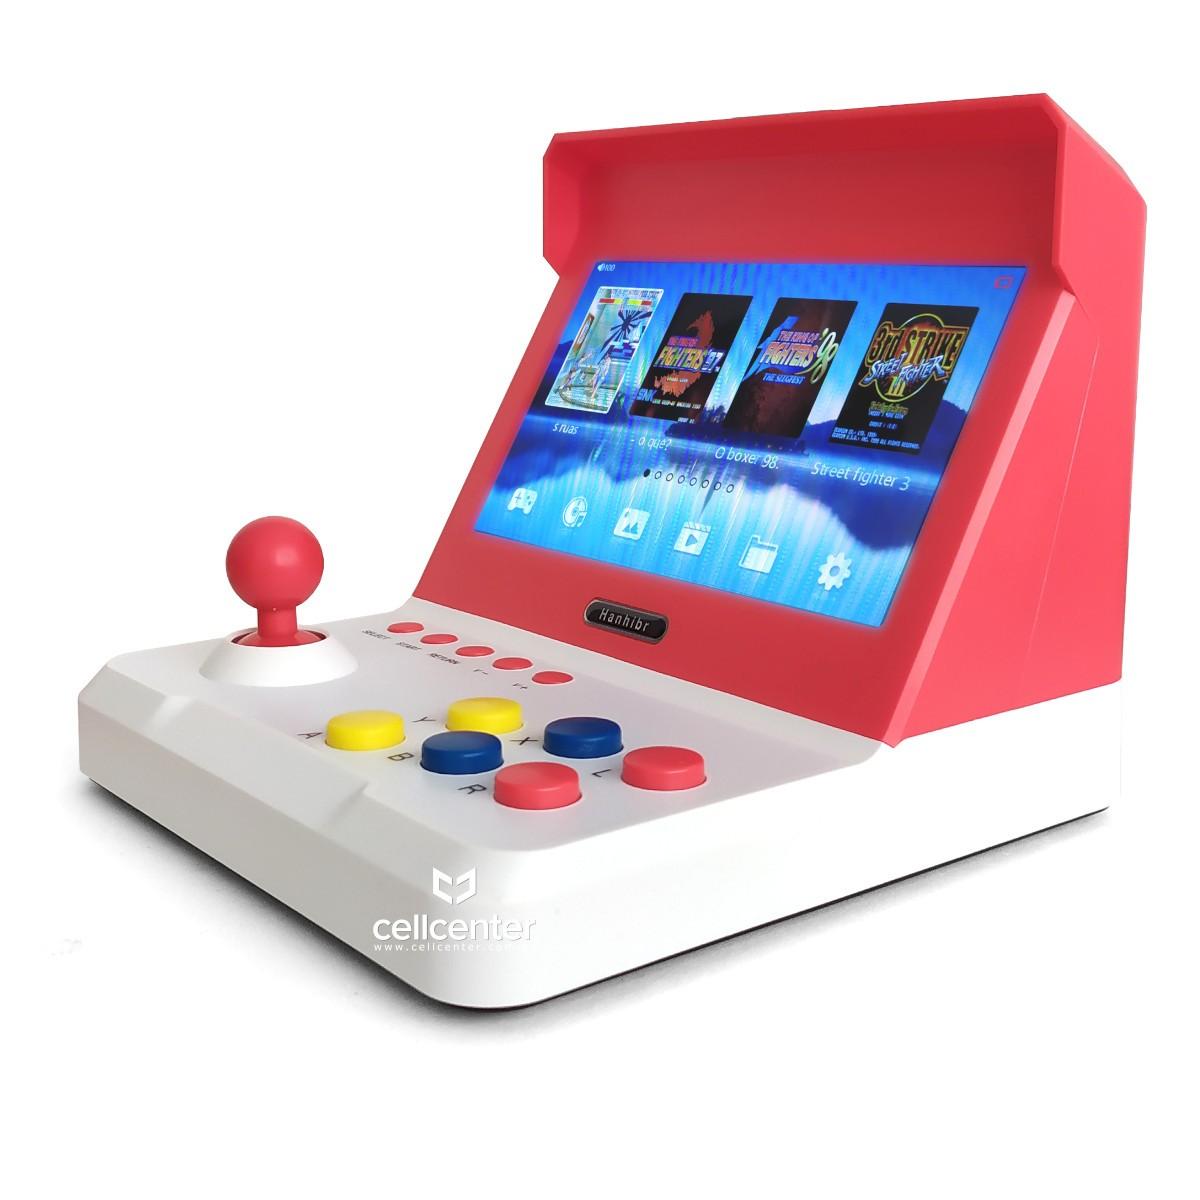 Mini Fliperama Portátil Retro Arcade Consoles Clássicos Com dois Controles mais de 2000 Jogos